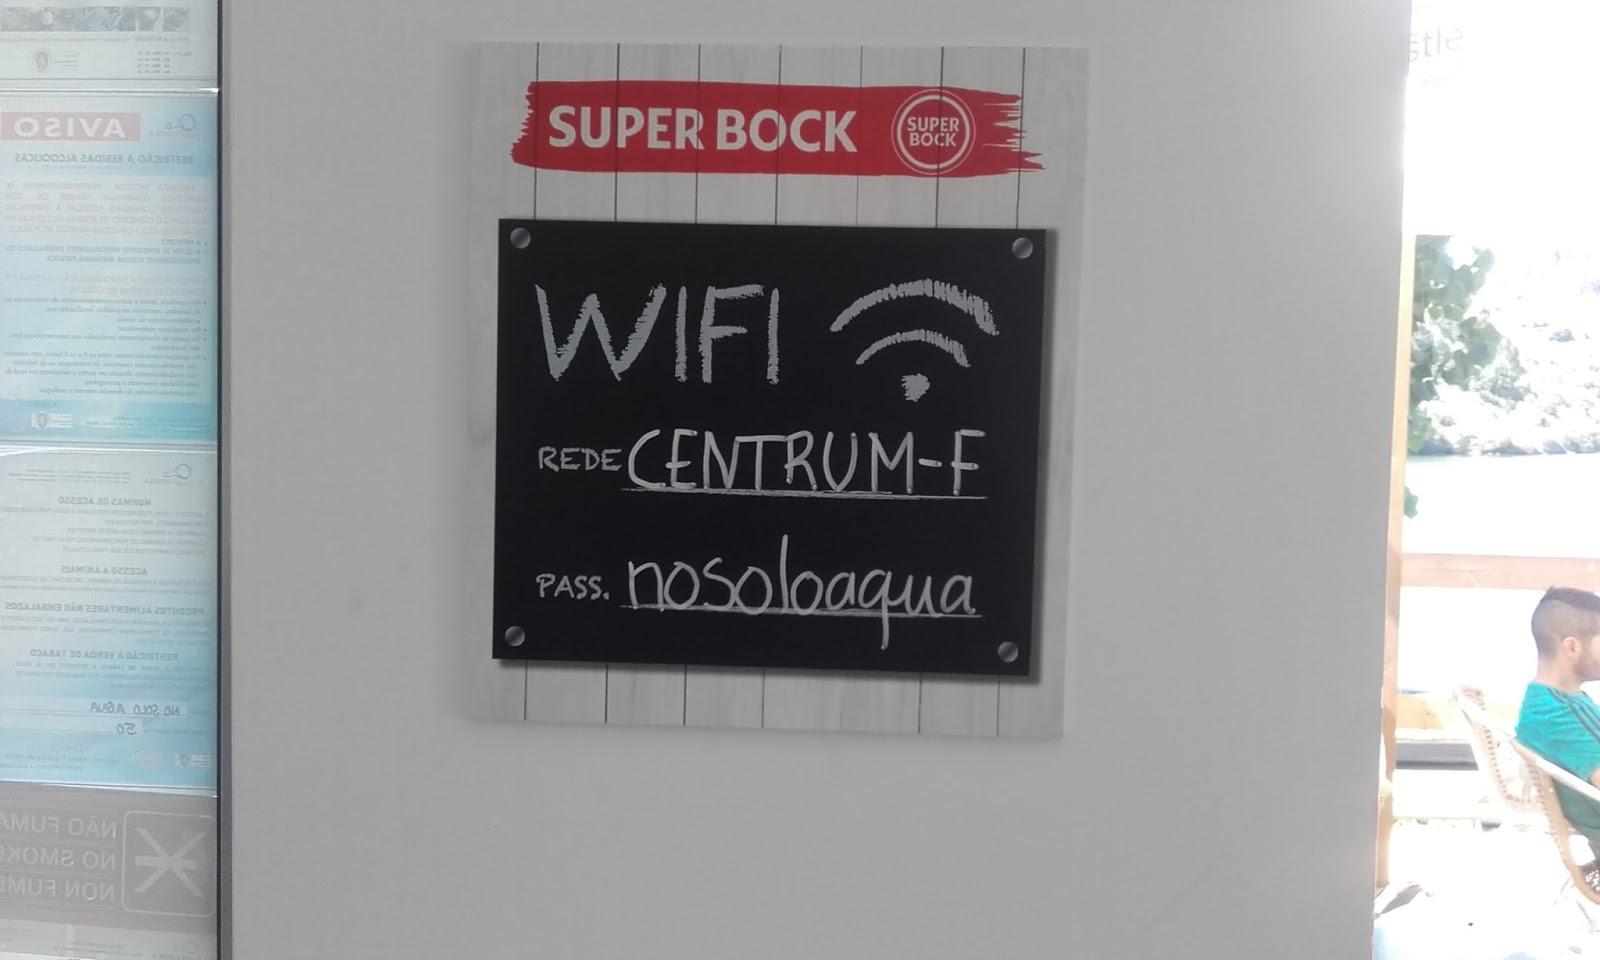 Wifi Grátis - Acesso